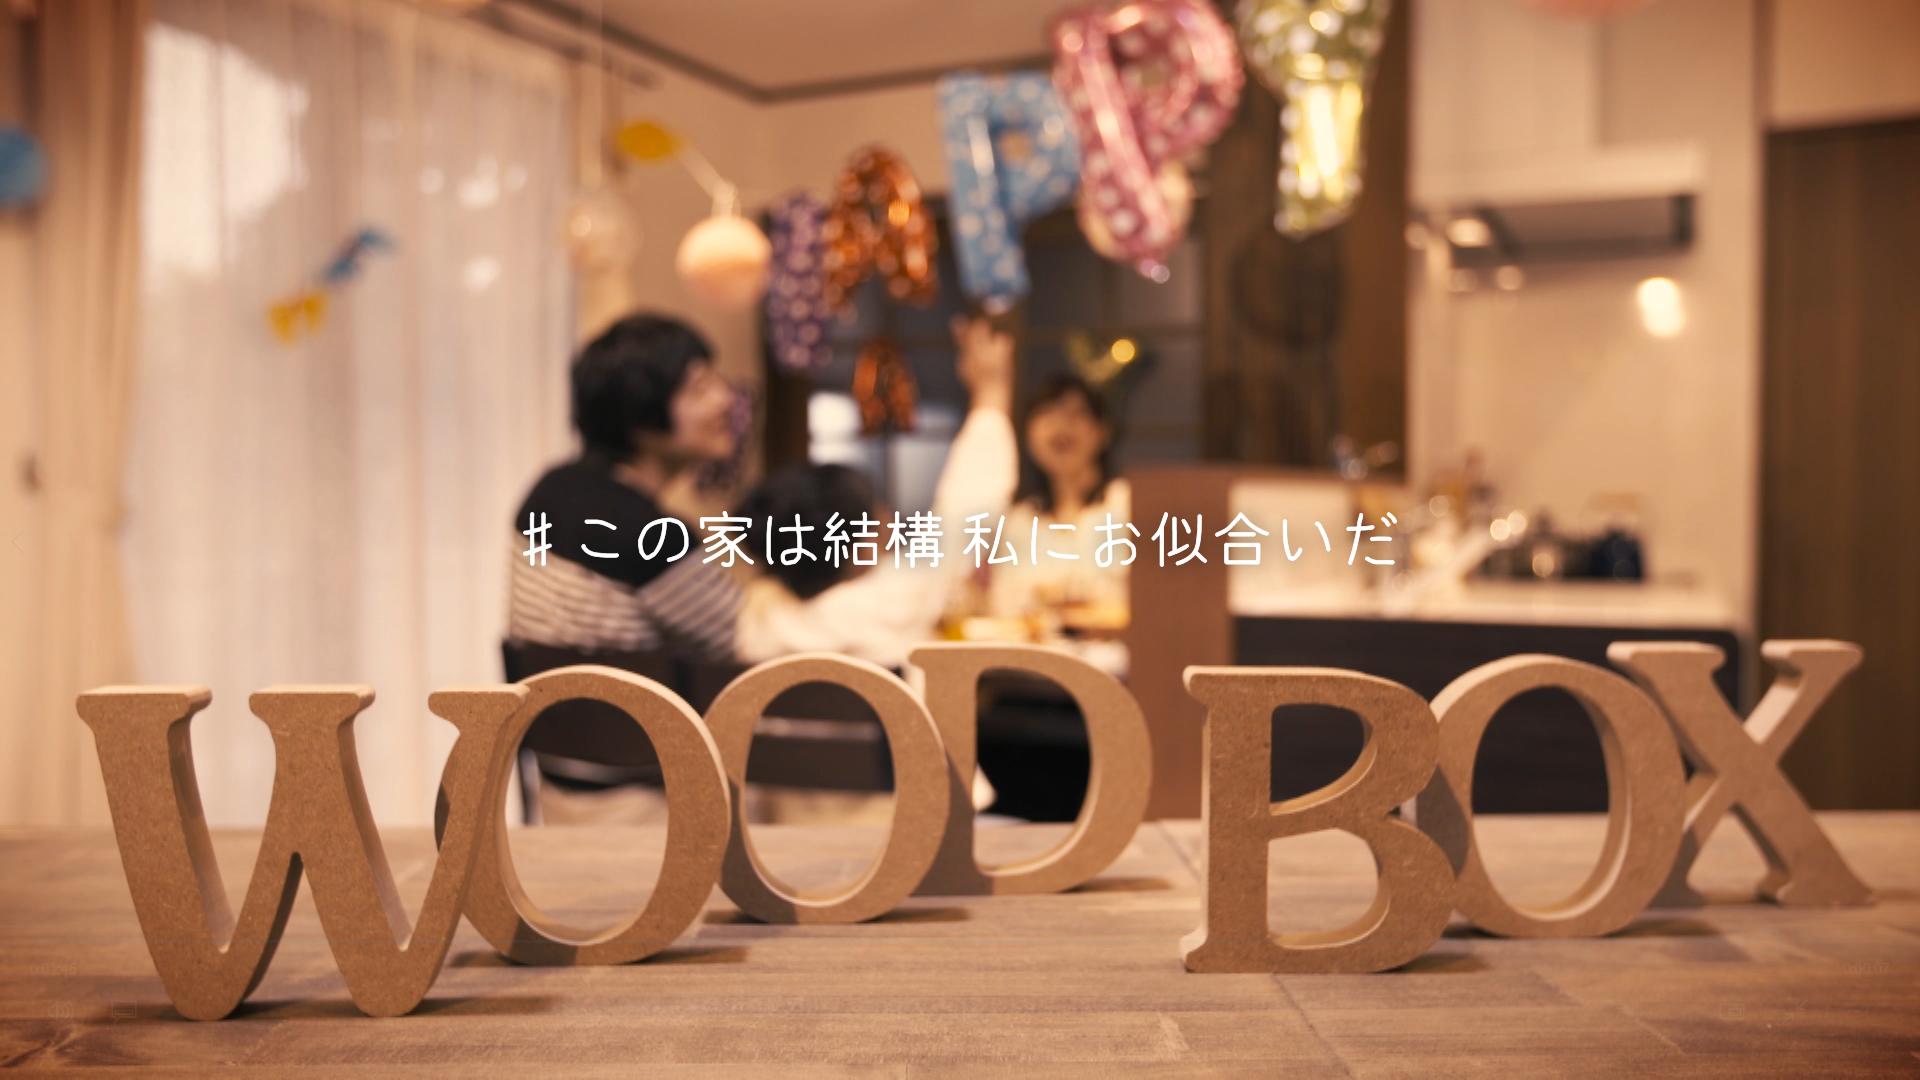 2018年12月5日 兵庫会場 新規募集セミナー【現場付き】